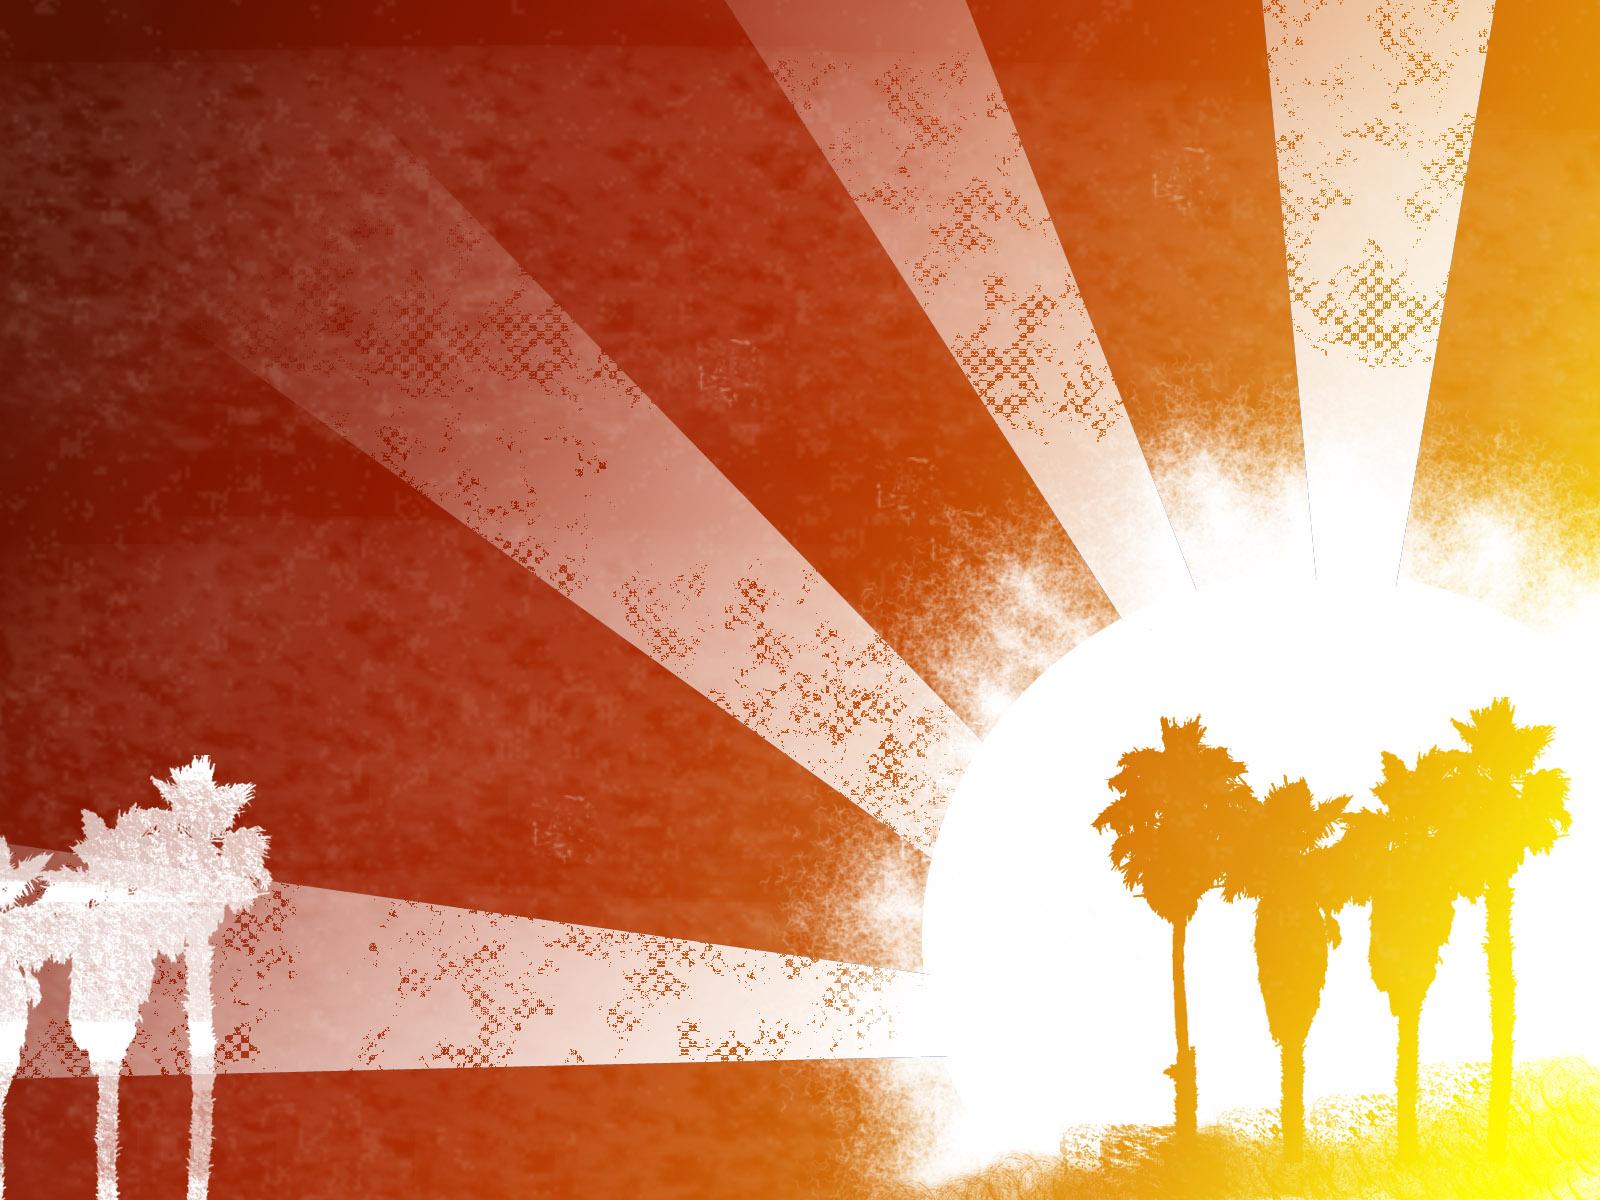 лето, пальмы, скачать фото, обои для рабочего стола